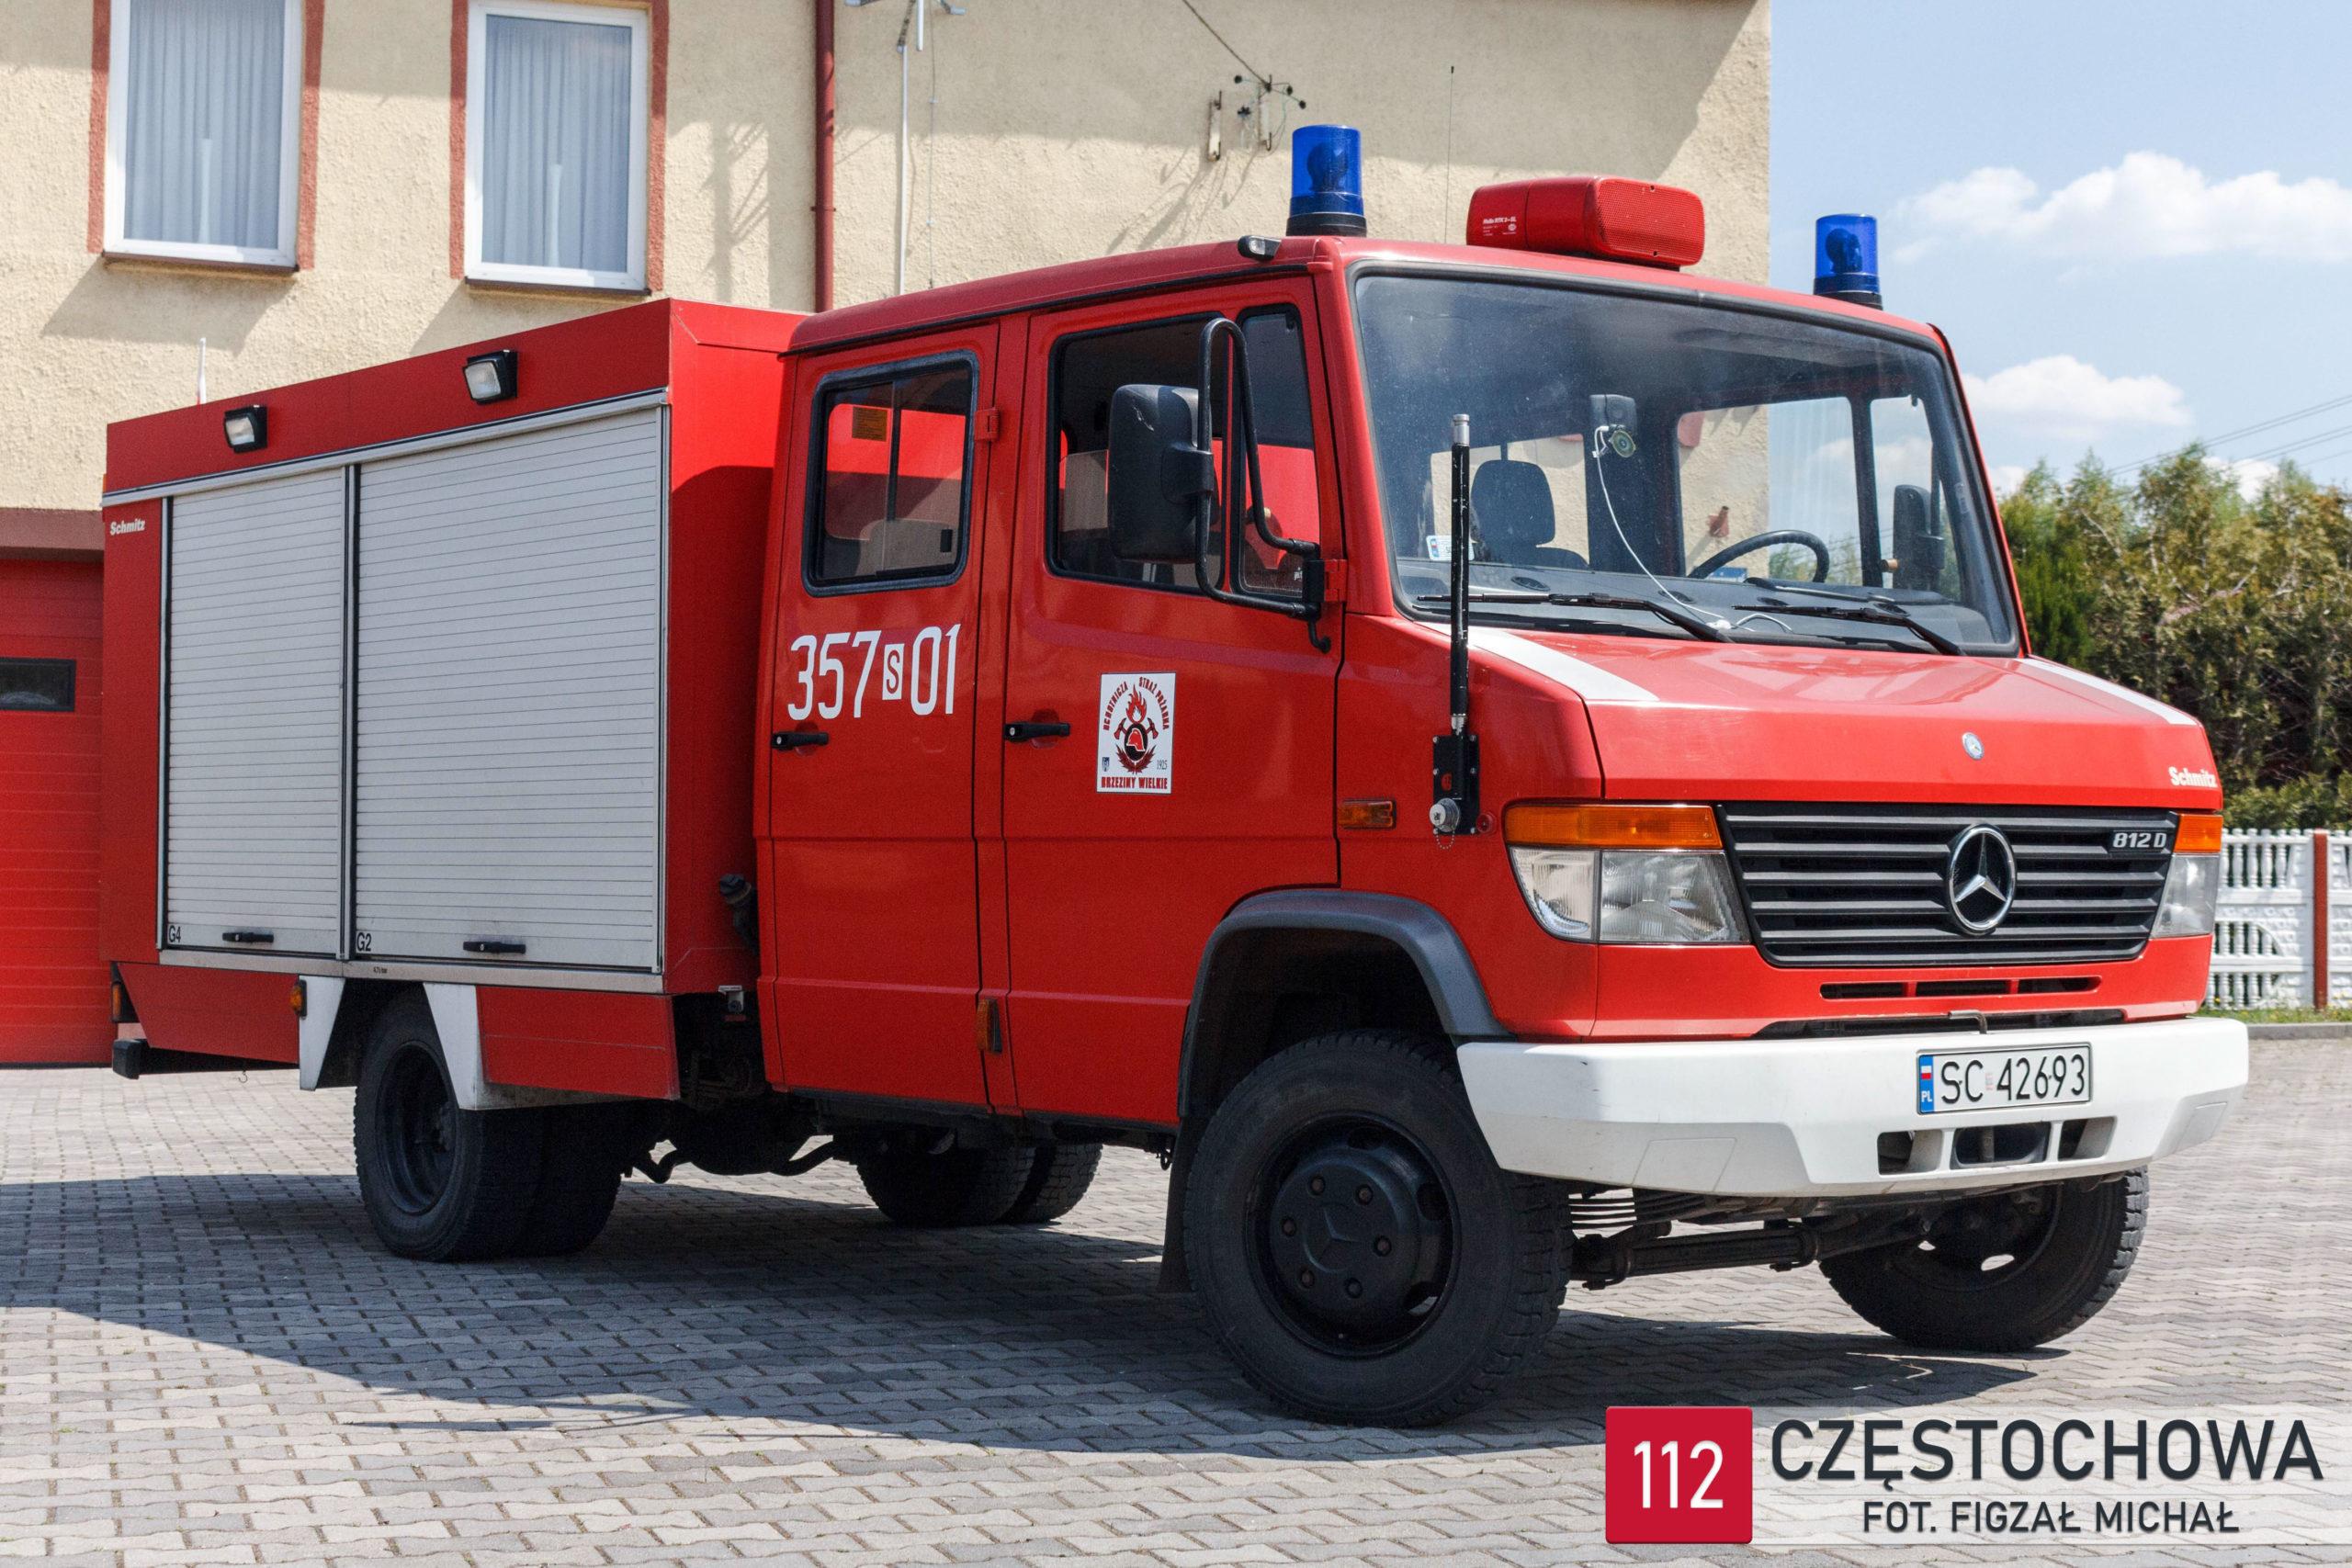 img-4108-scaled